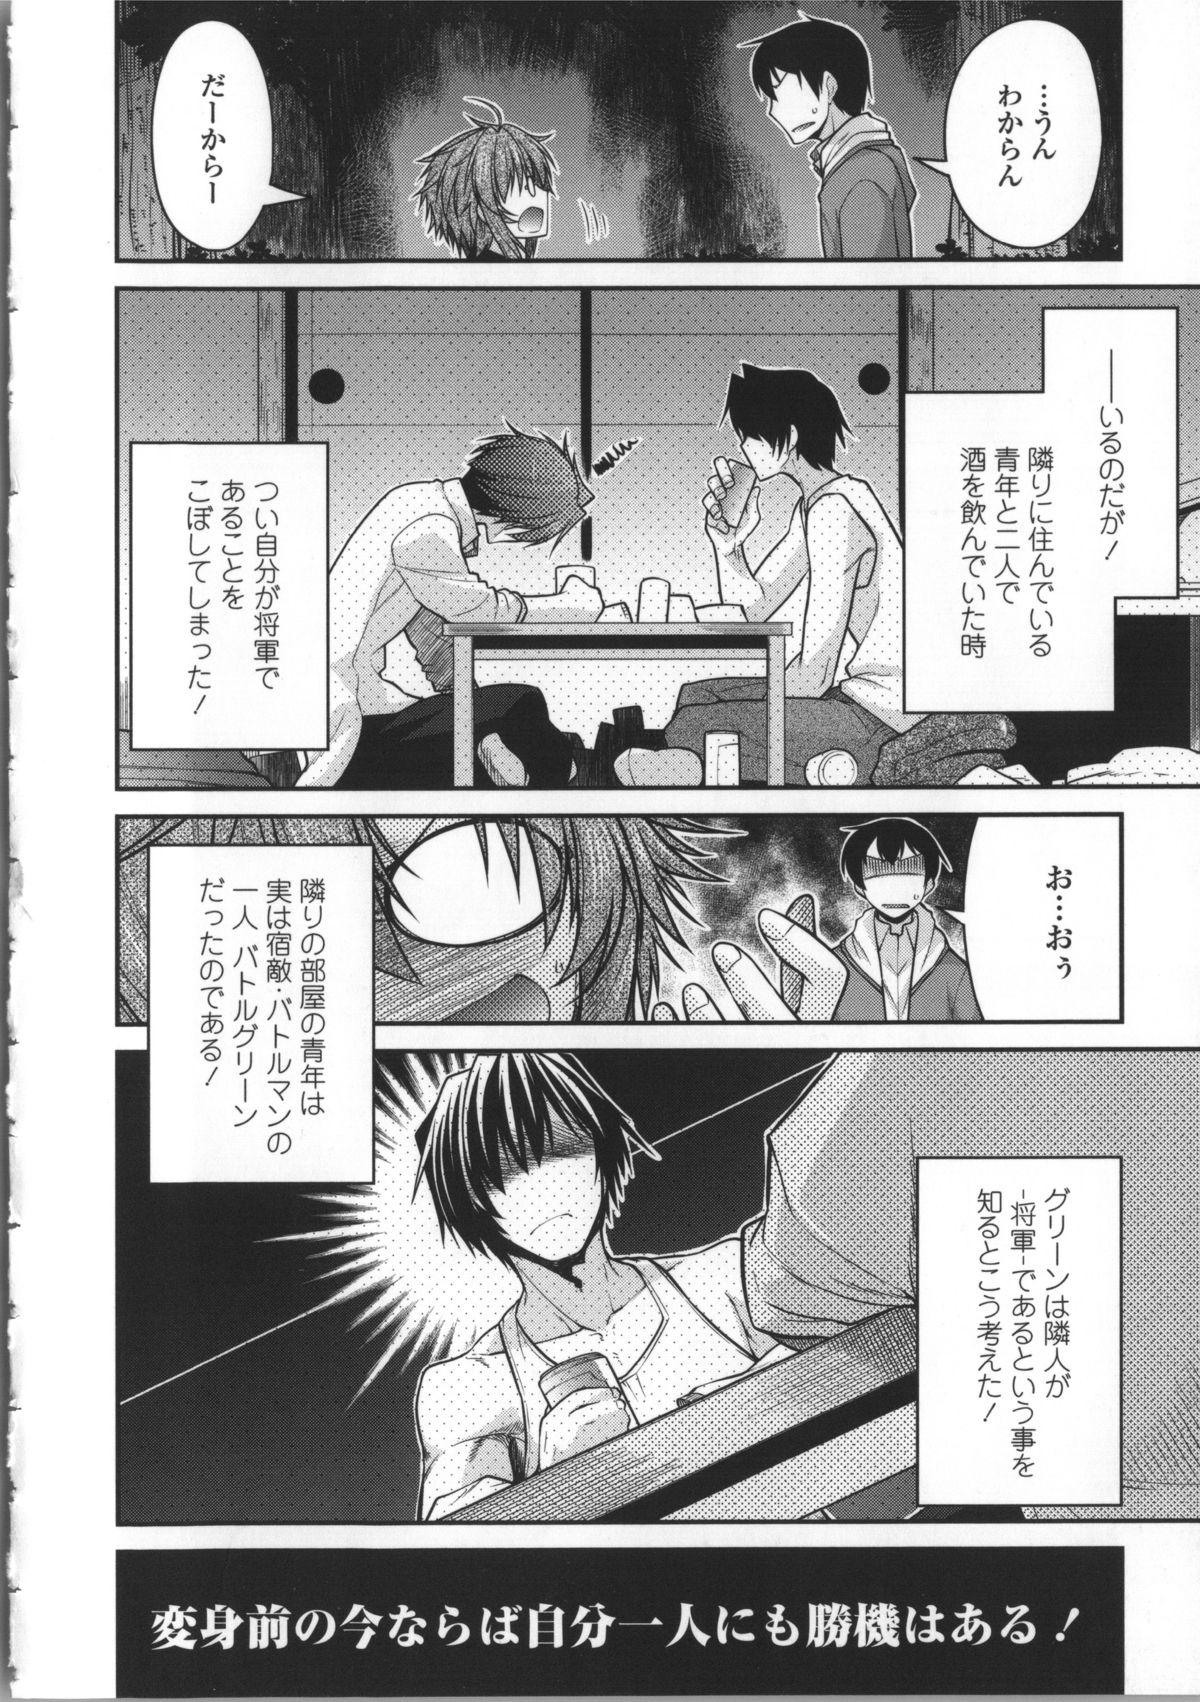 Yamato Nadeshiko Breast Changes 95